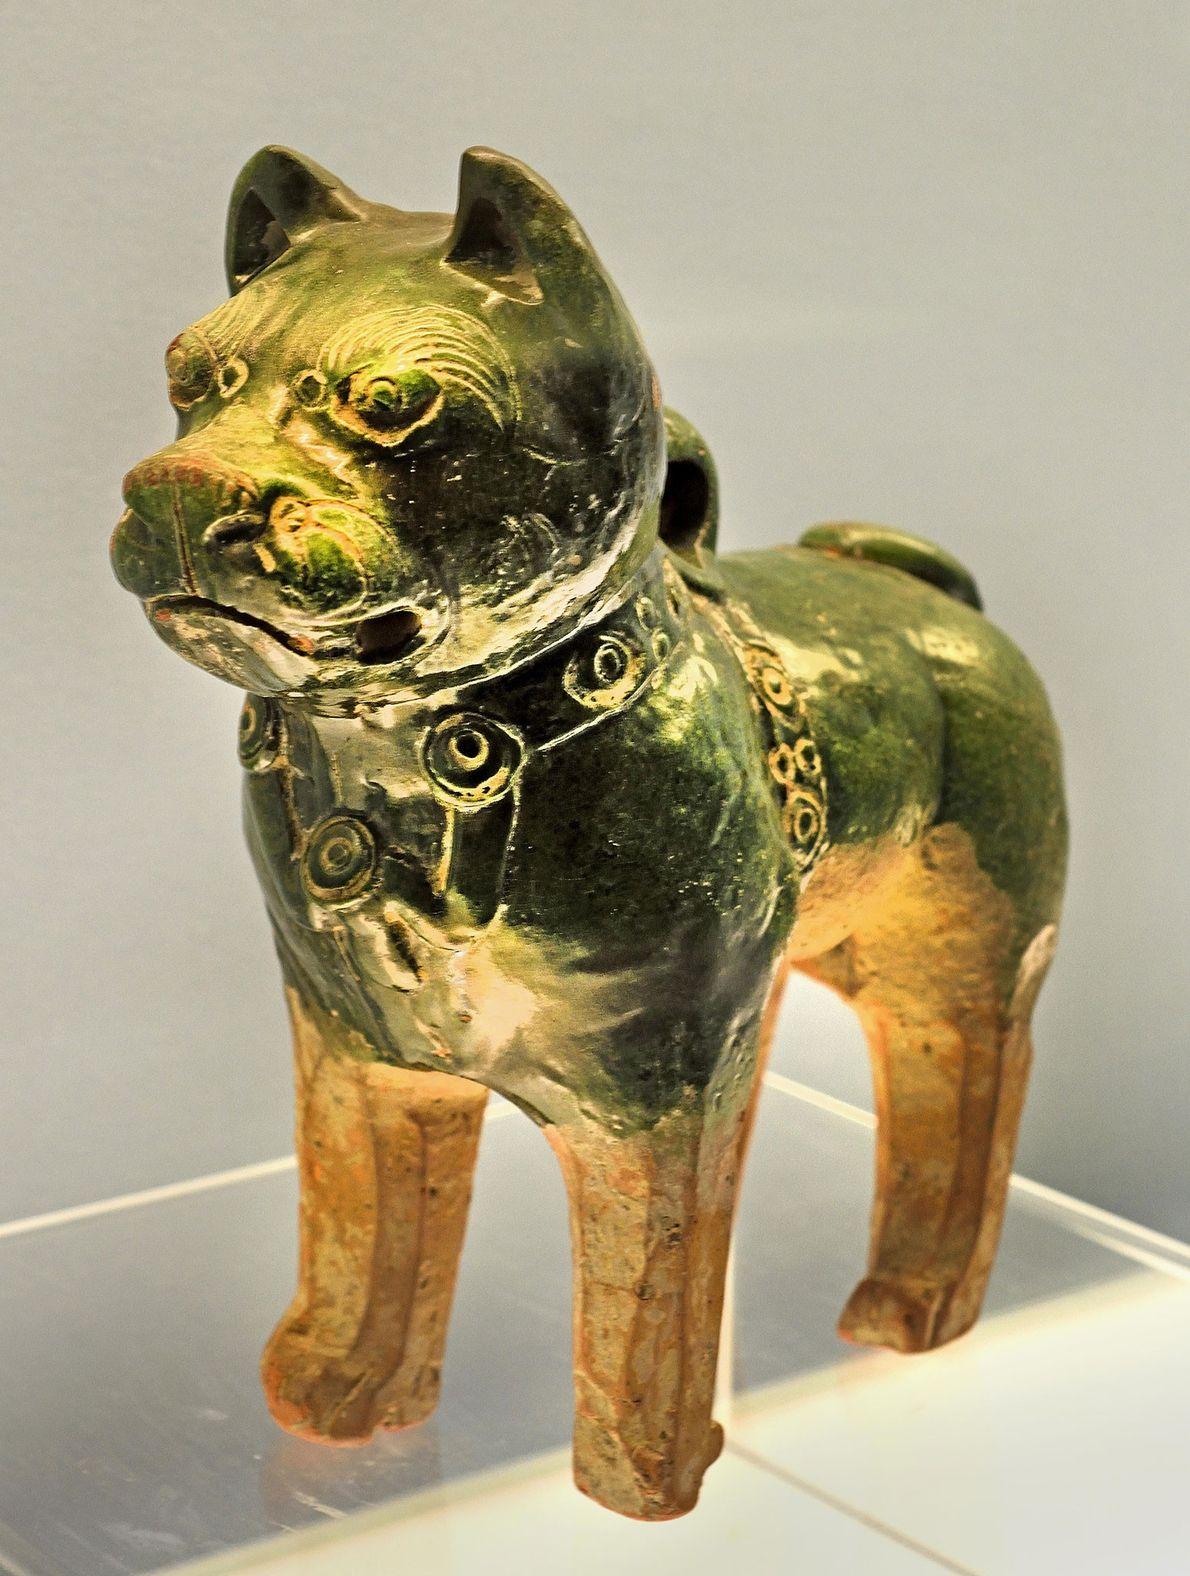 Dieser glasierte Keramikhund aus der Han-Dynastie könnte einen Chow-Chow oder einen Shar-Pei zeigen, die im alten ...